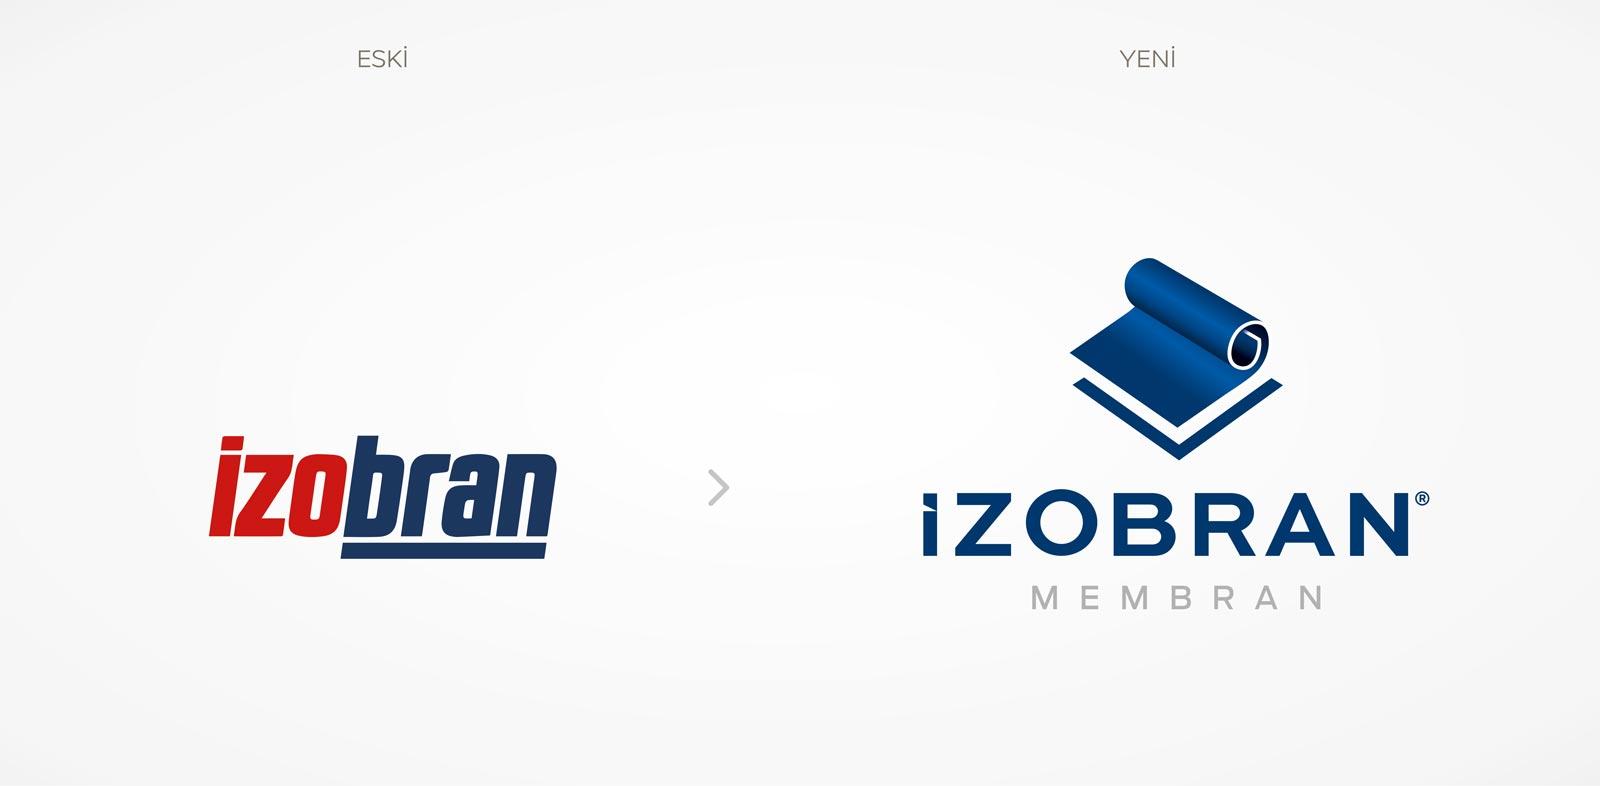 izobran-logo-revizyon